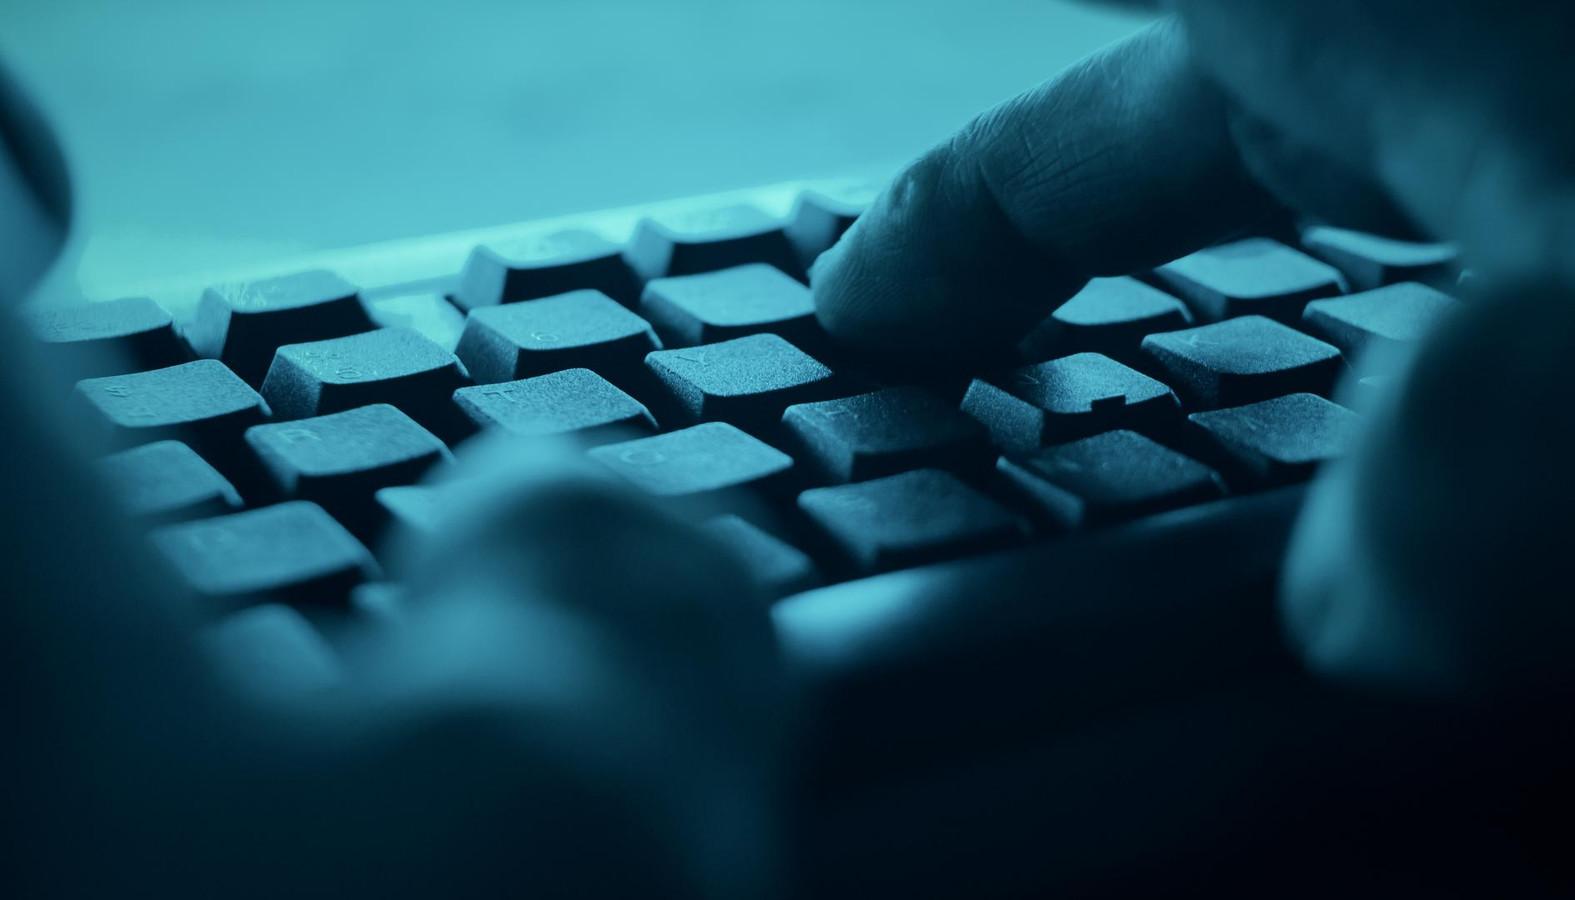 Les arnaques sur Internet sont de plus en plus nombreuses